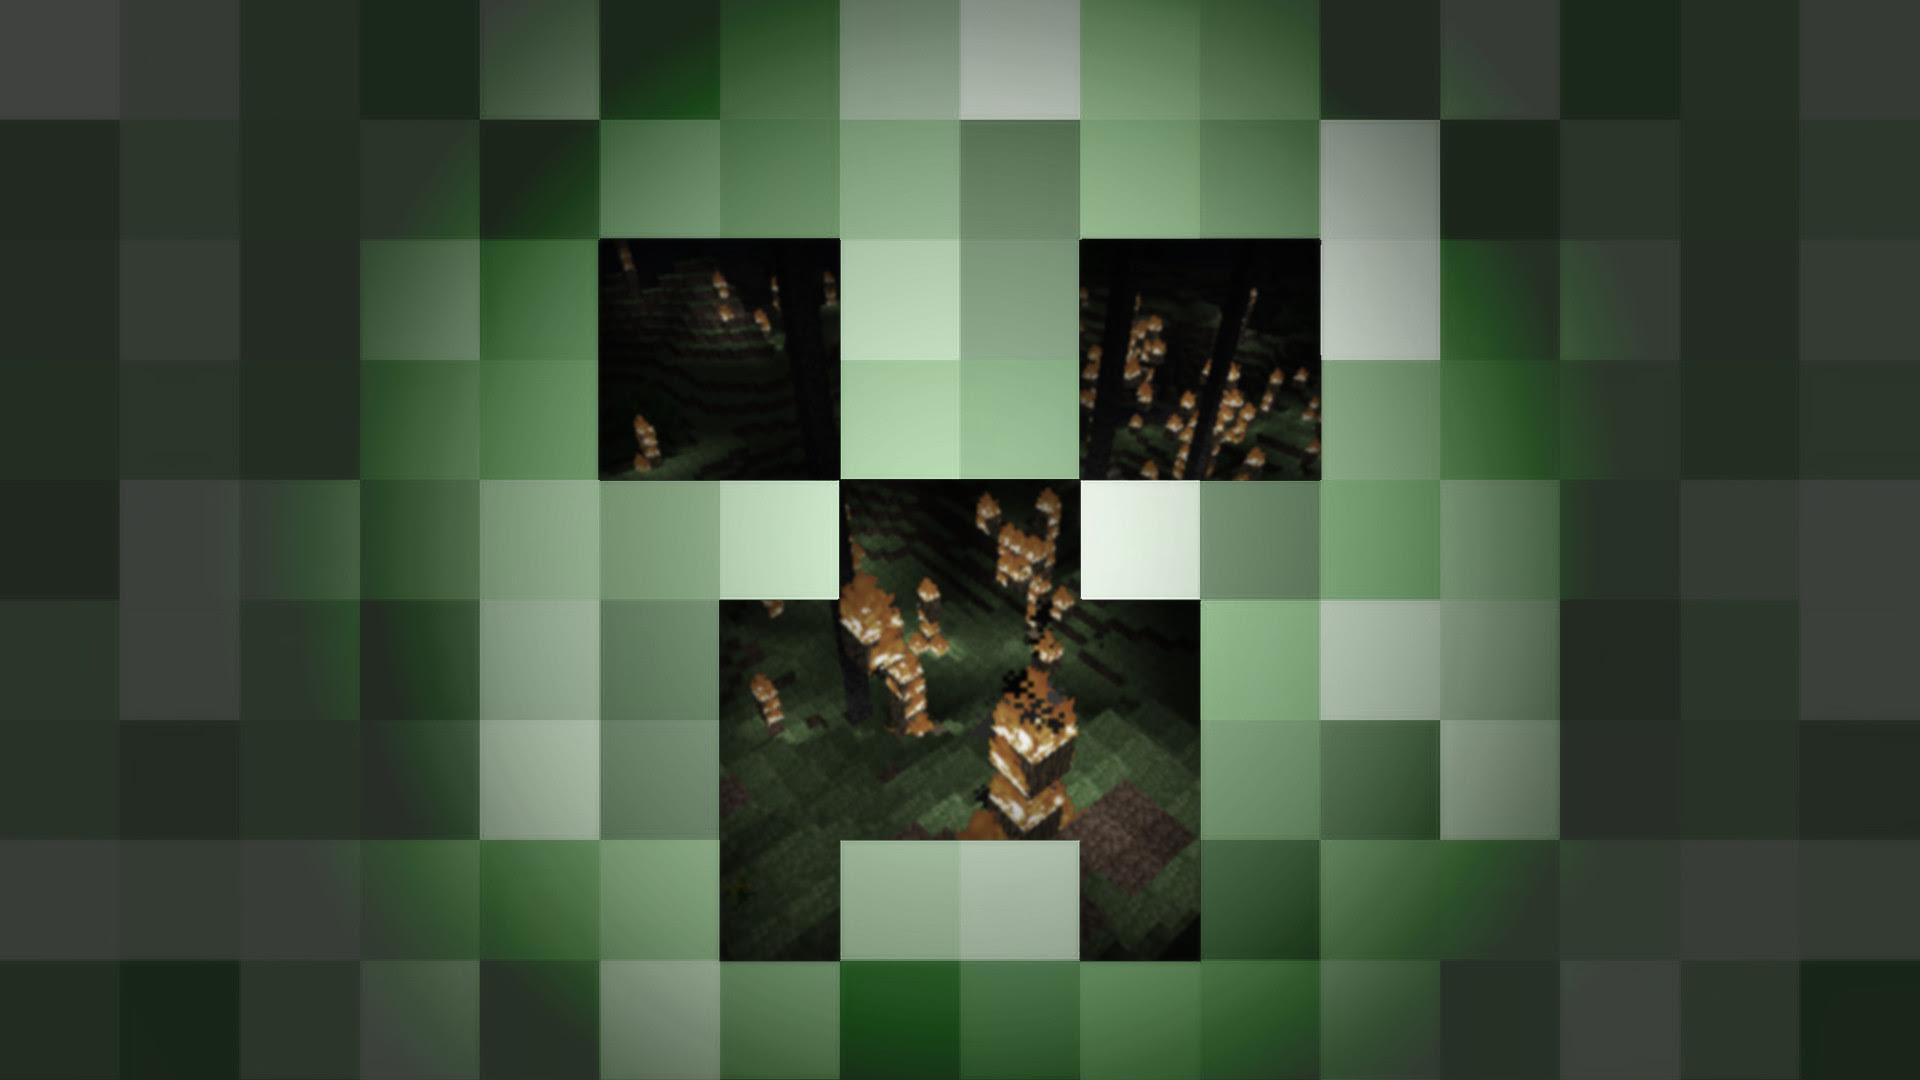 minecraft bilder creeper  malvorlagen gratis